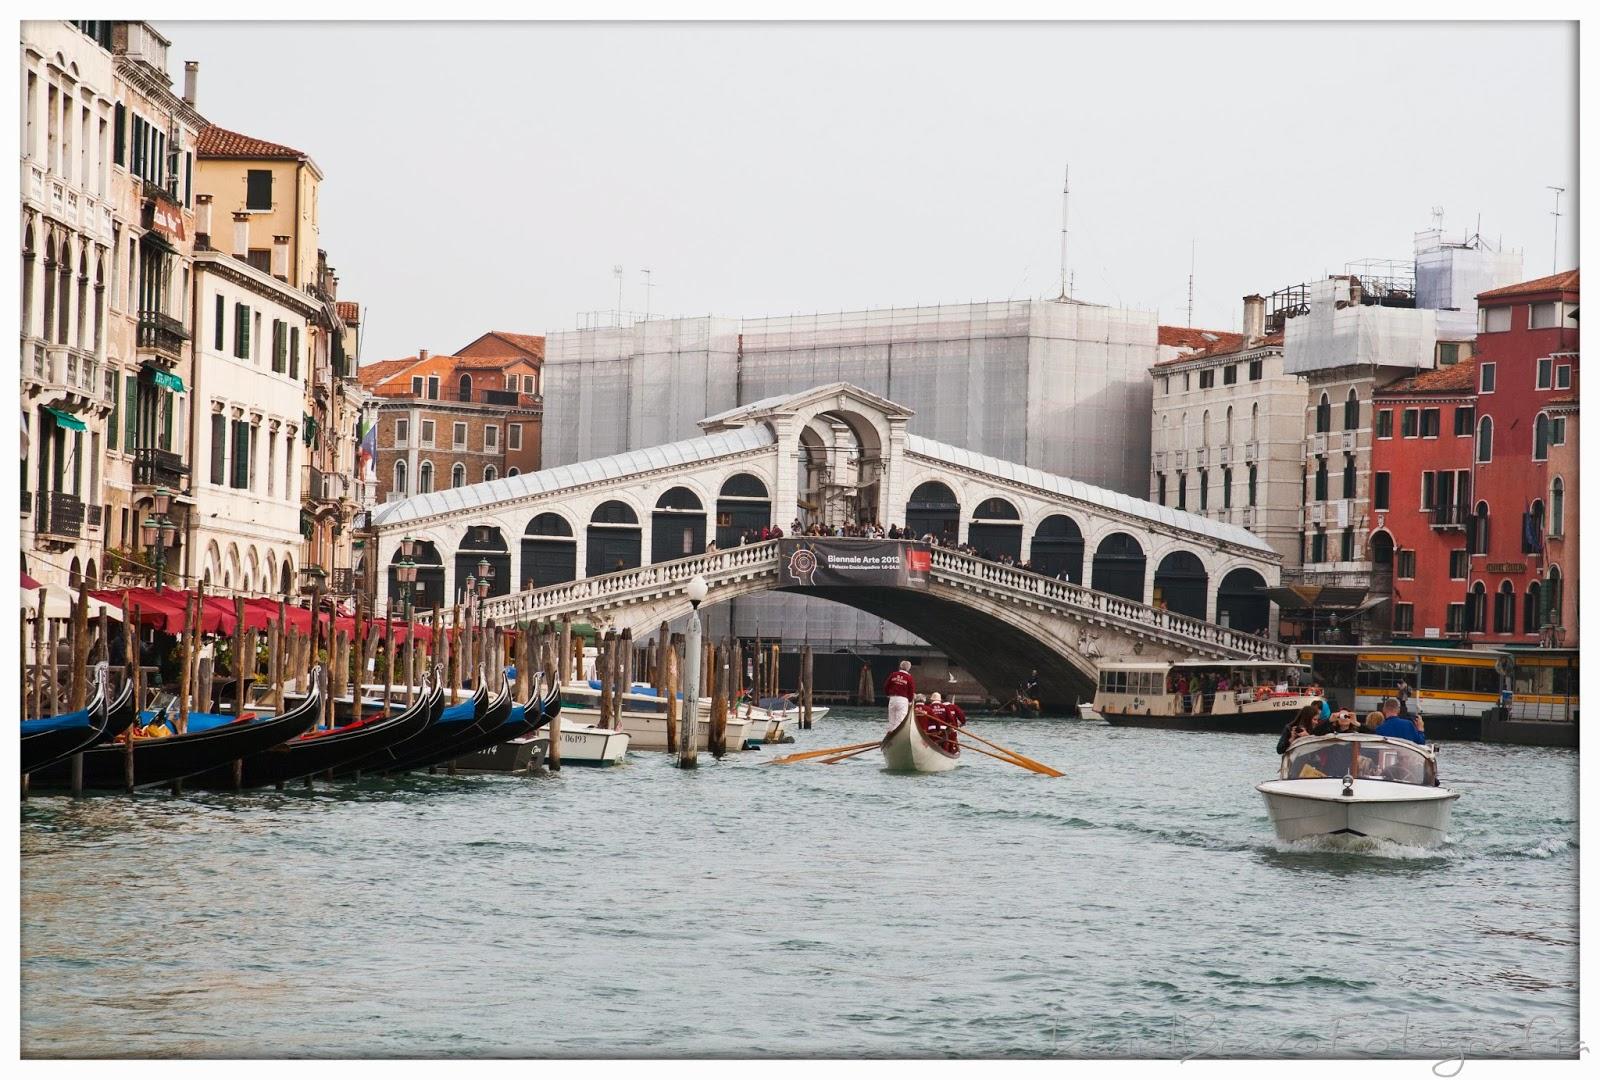 Vista desde el canal del famoso puente de Rialto en Venecia